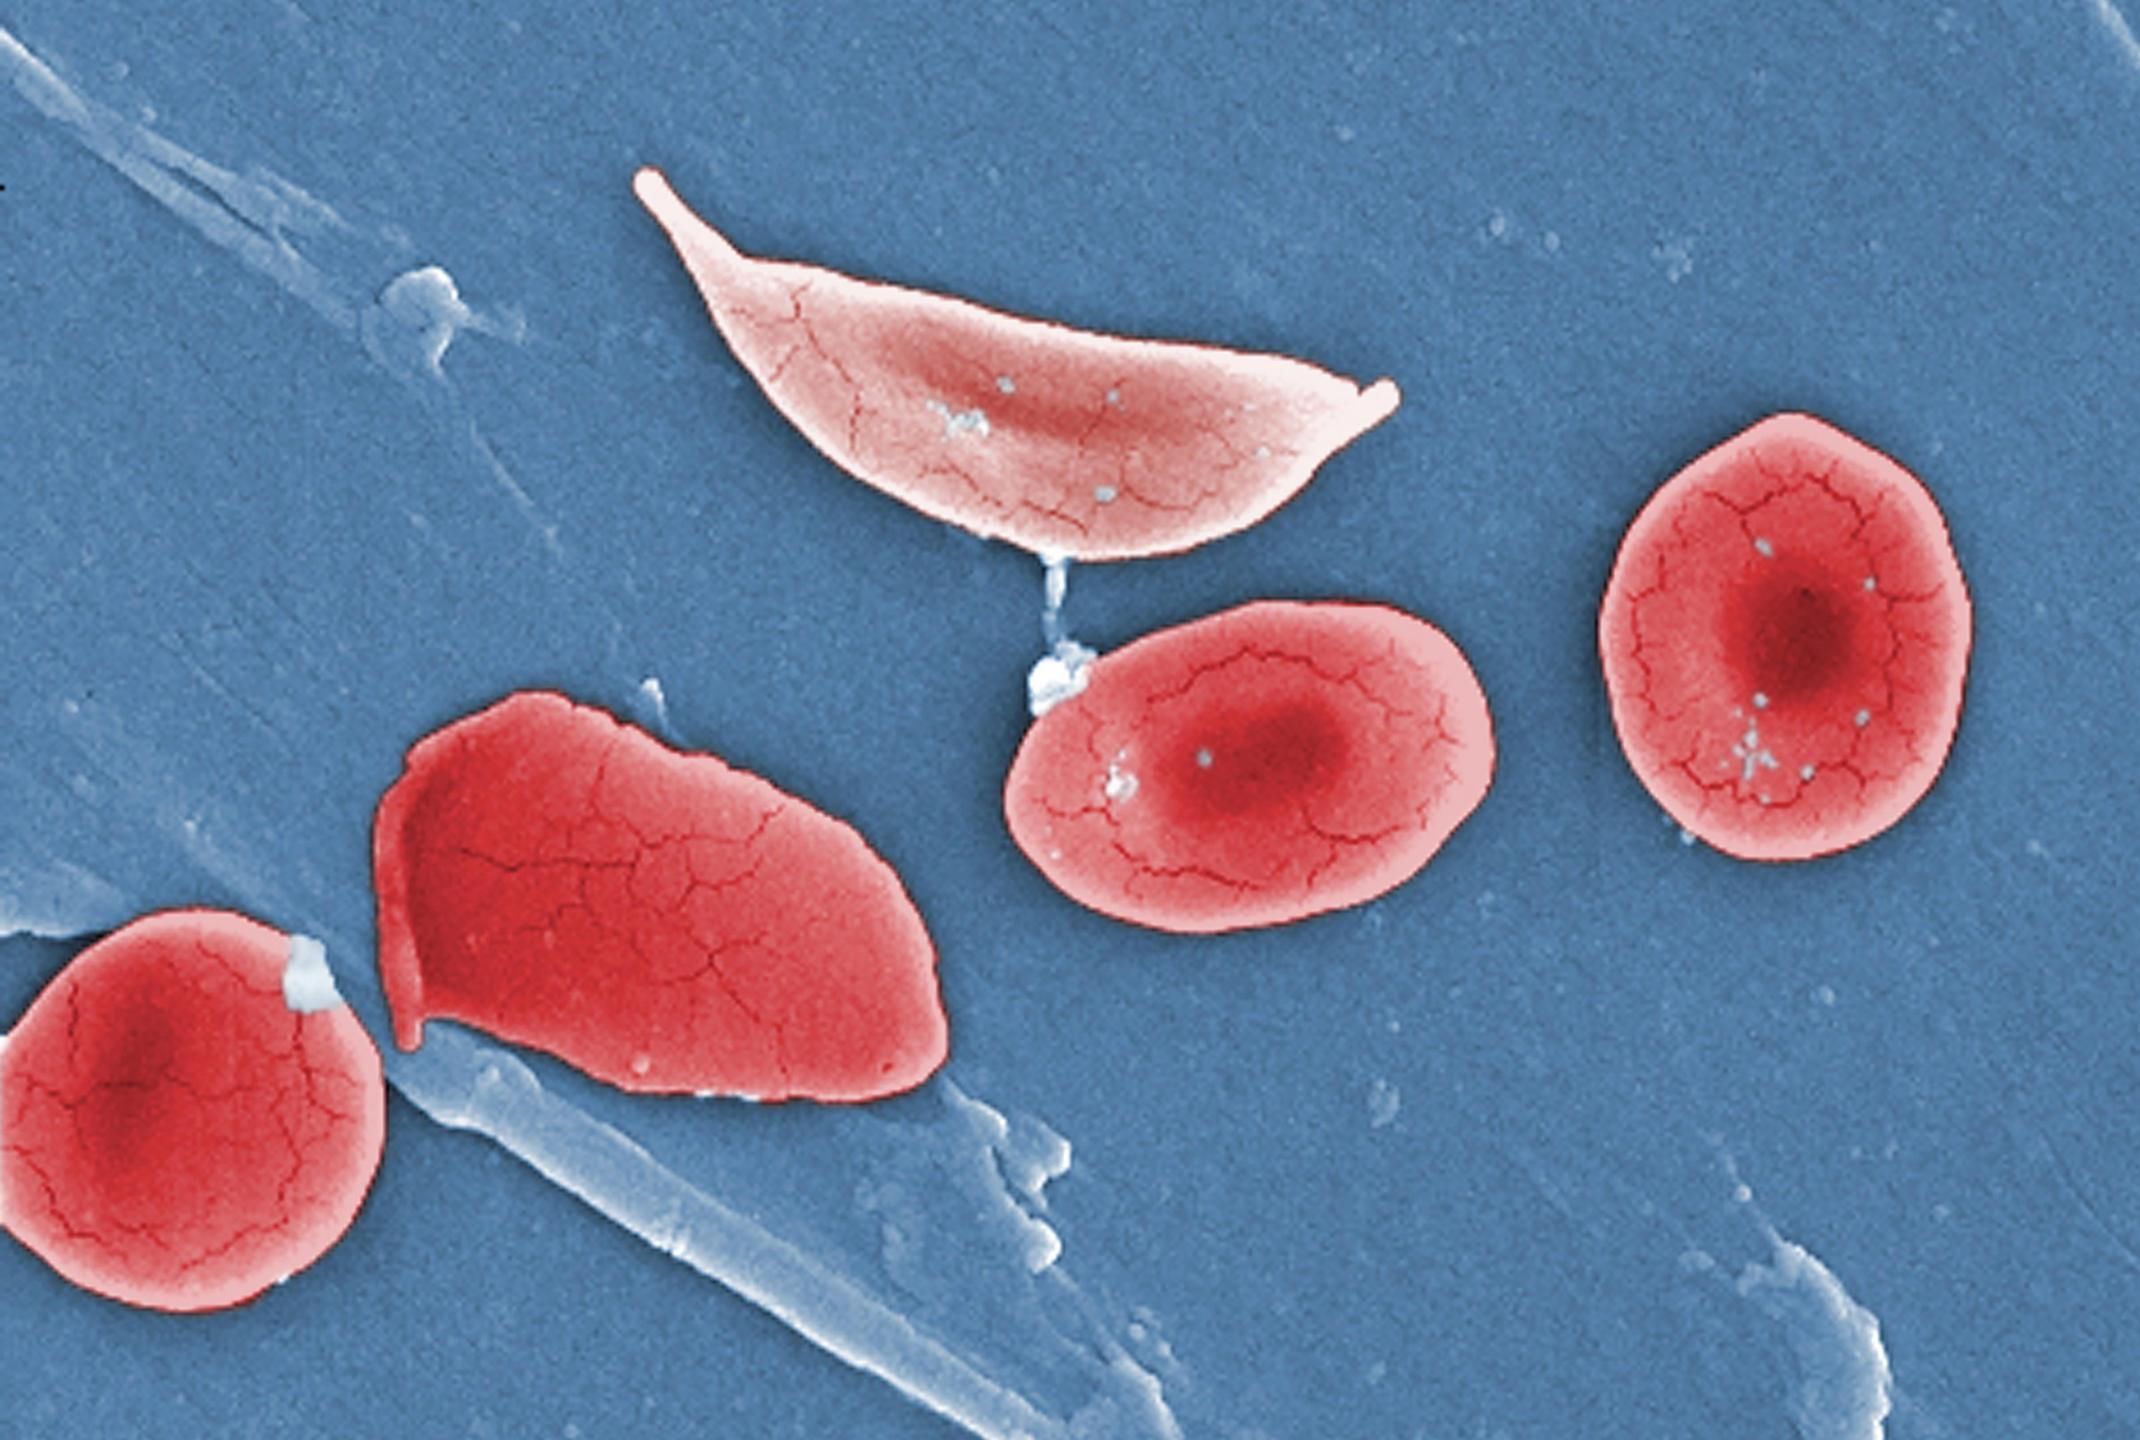 Серповидноклеточную анемию научились лечить с помощью CRISPR